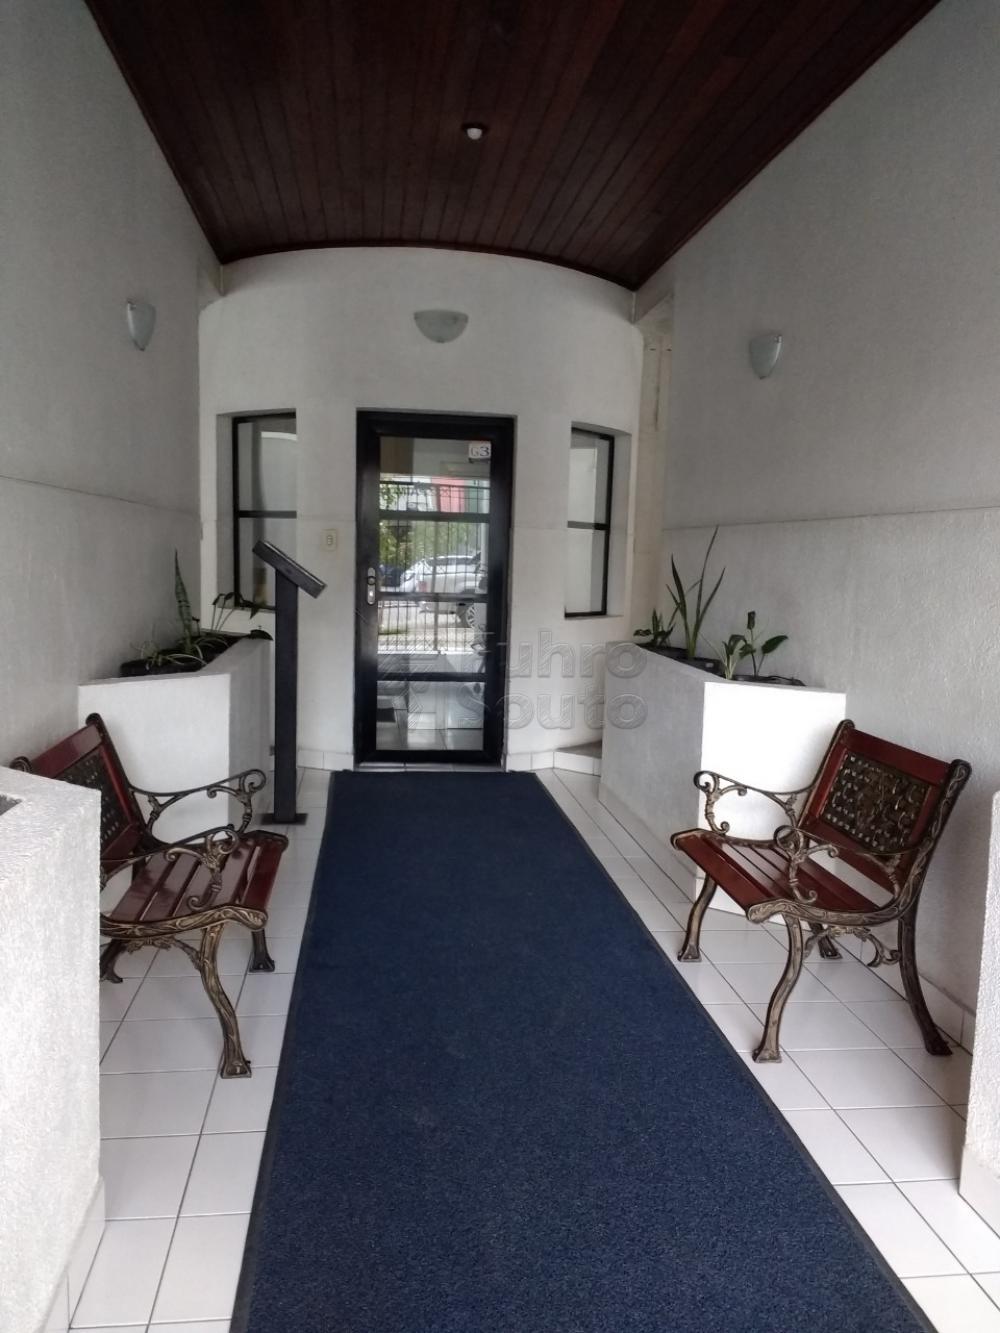 Comprar Apartamento / Cobertura em Pelotas R$ 750.000,00 - Foto 12